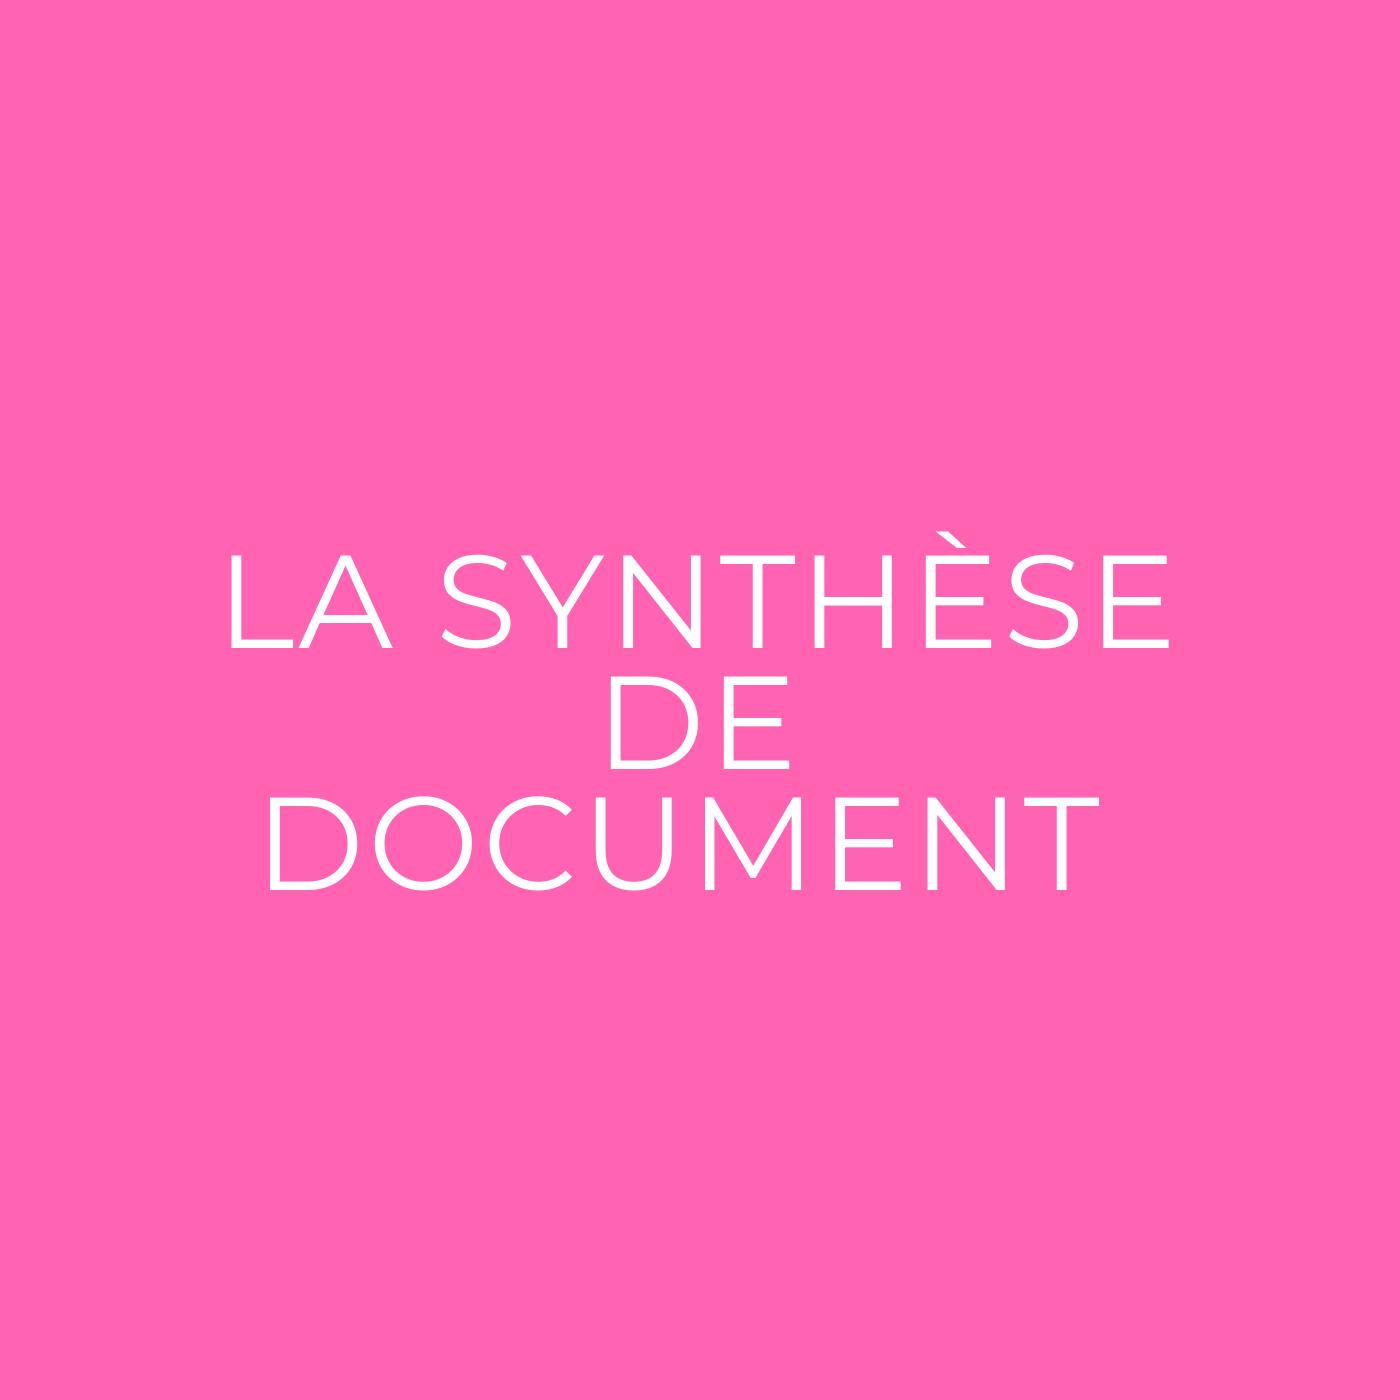 Synthèse de document en BTS : la méthodologie complète